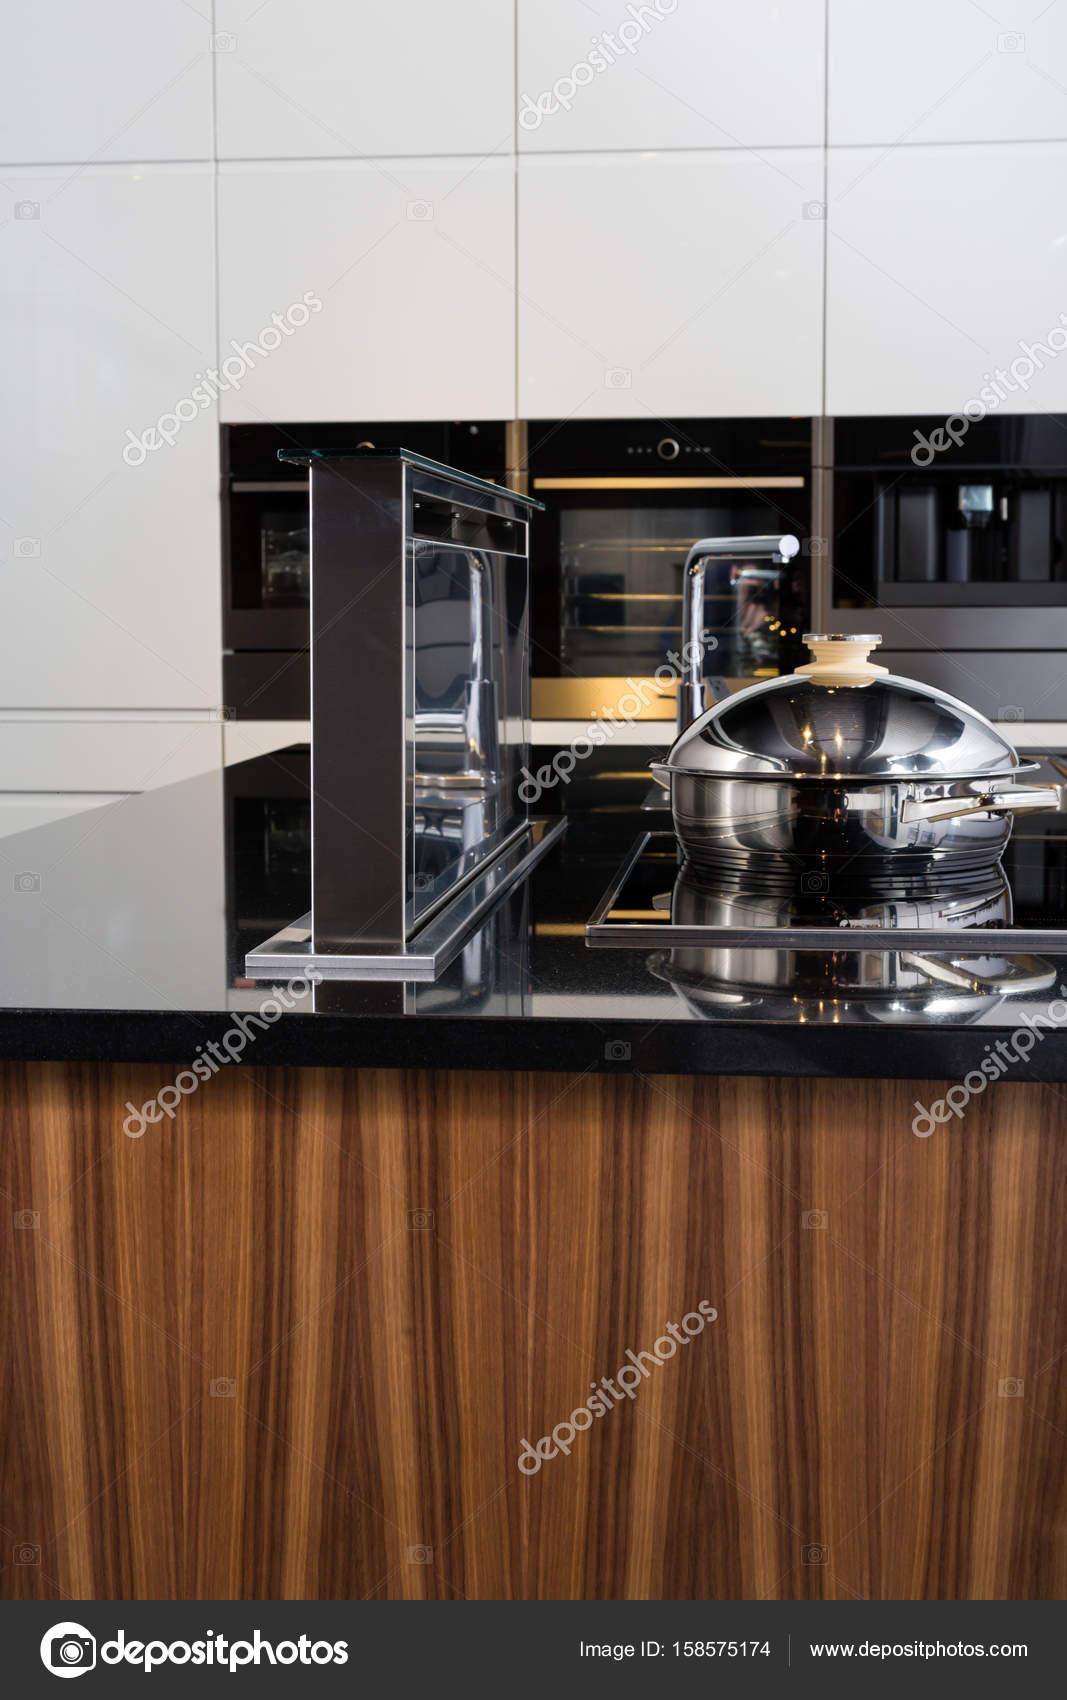 Küche Stahl Holz. Aldi Küche Klapptisch Weiß Konfigurieren ...